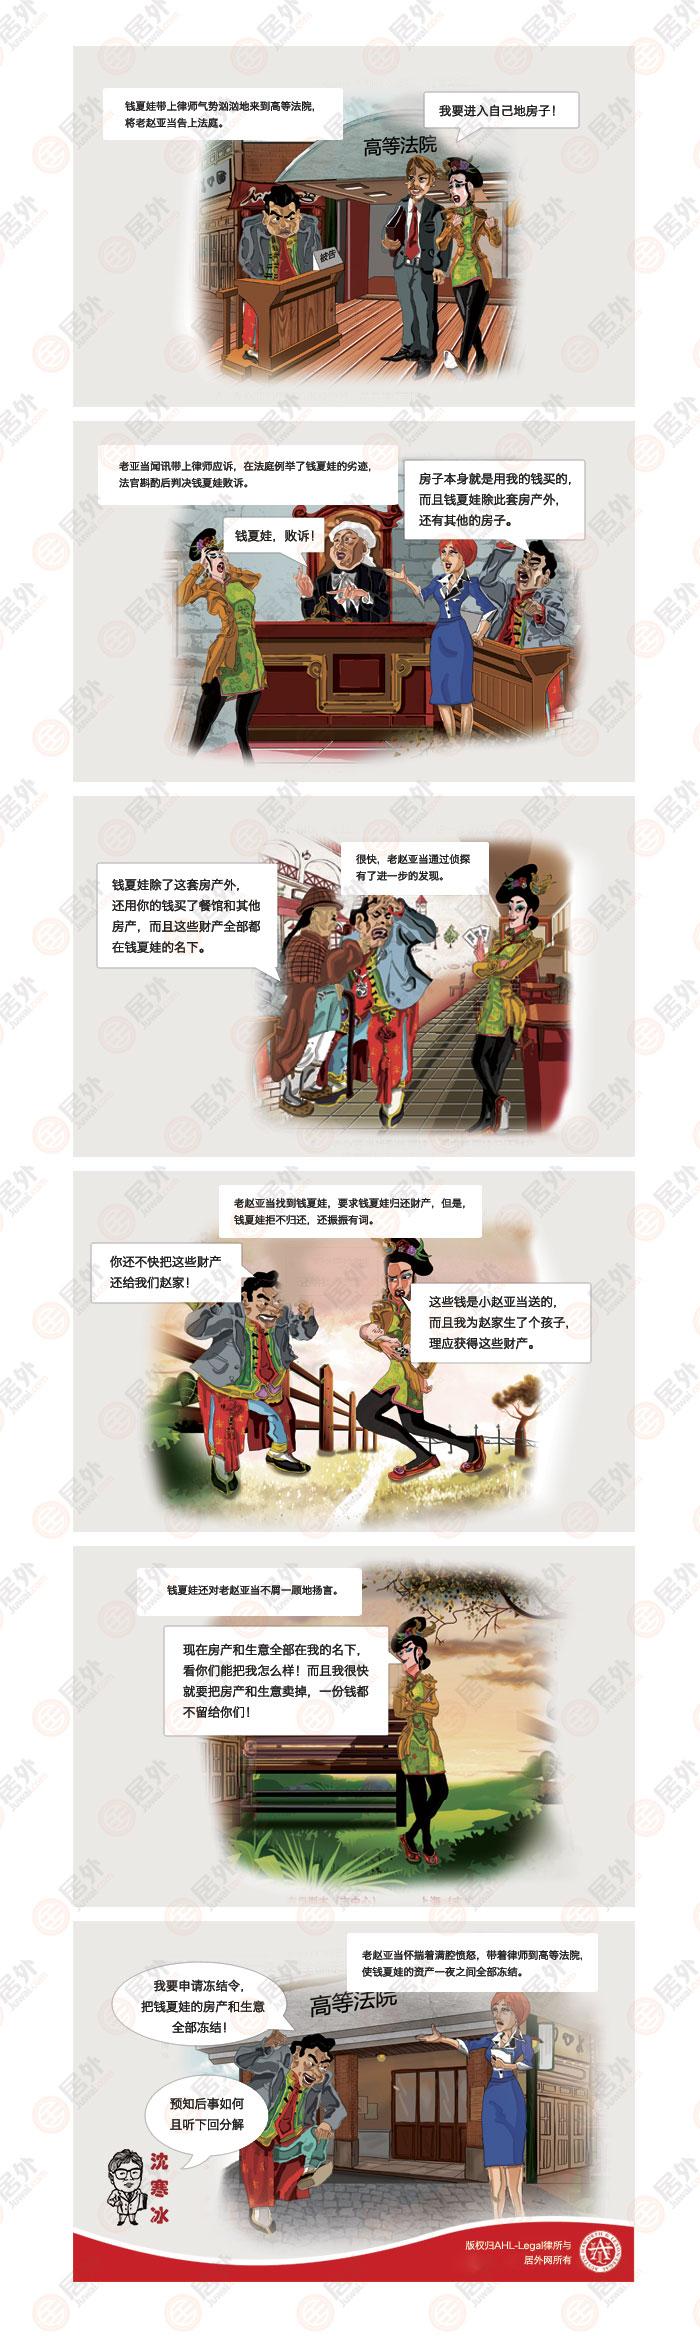 """从漫画看""""不伦恋骗产案""""——澳洲赠与房产的产权纠纷(三)"""